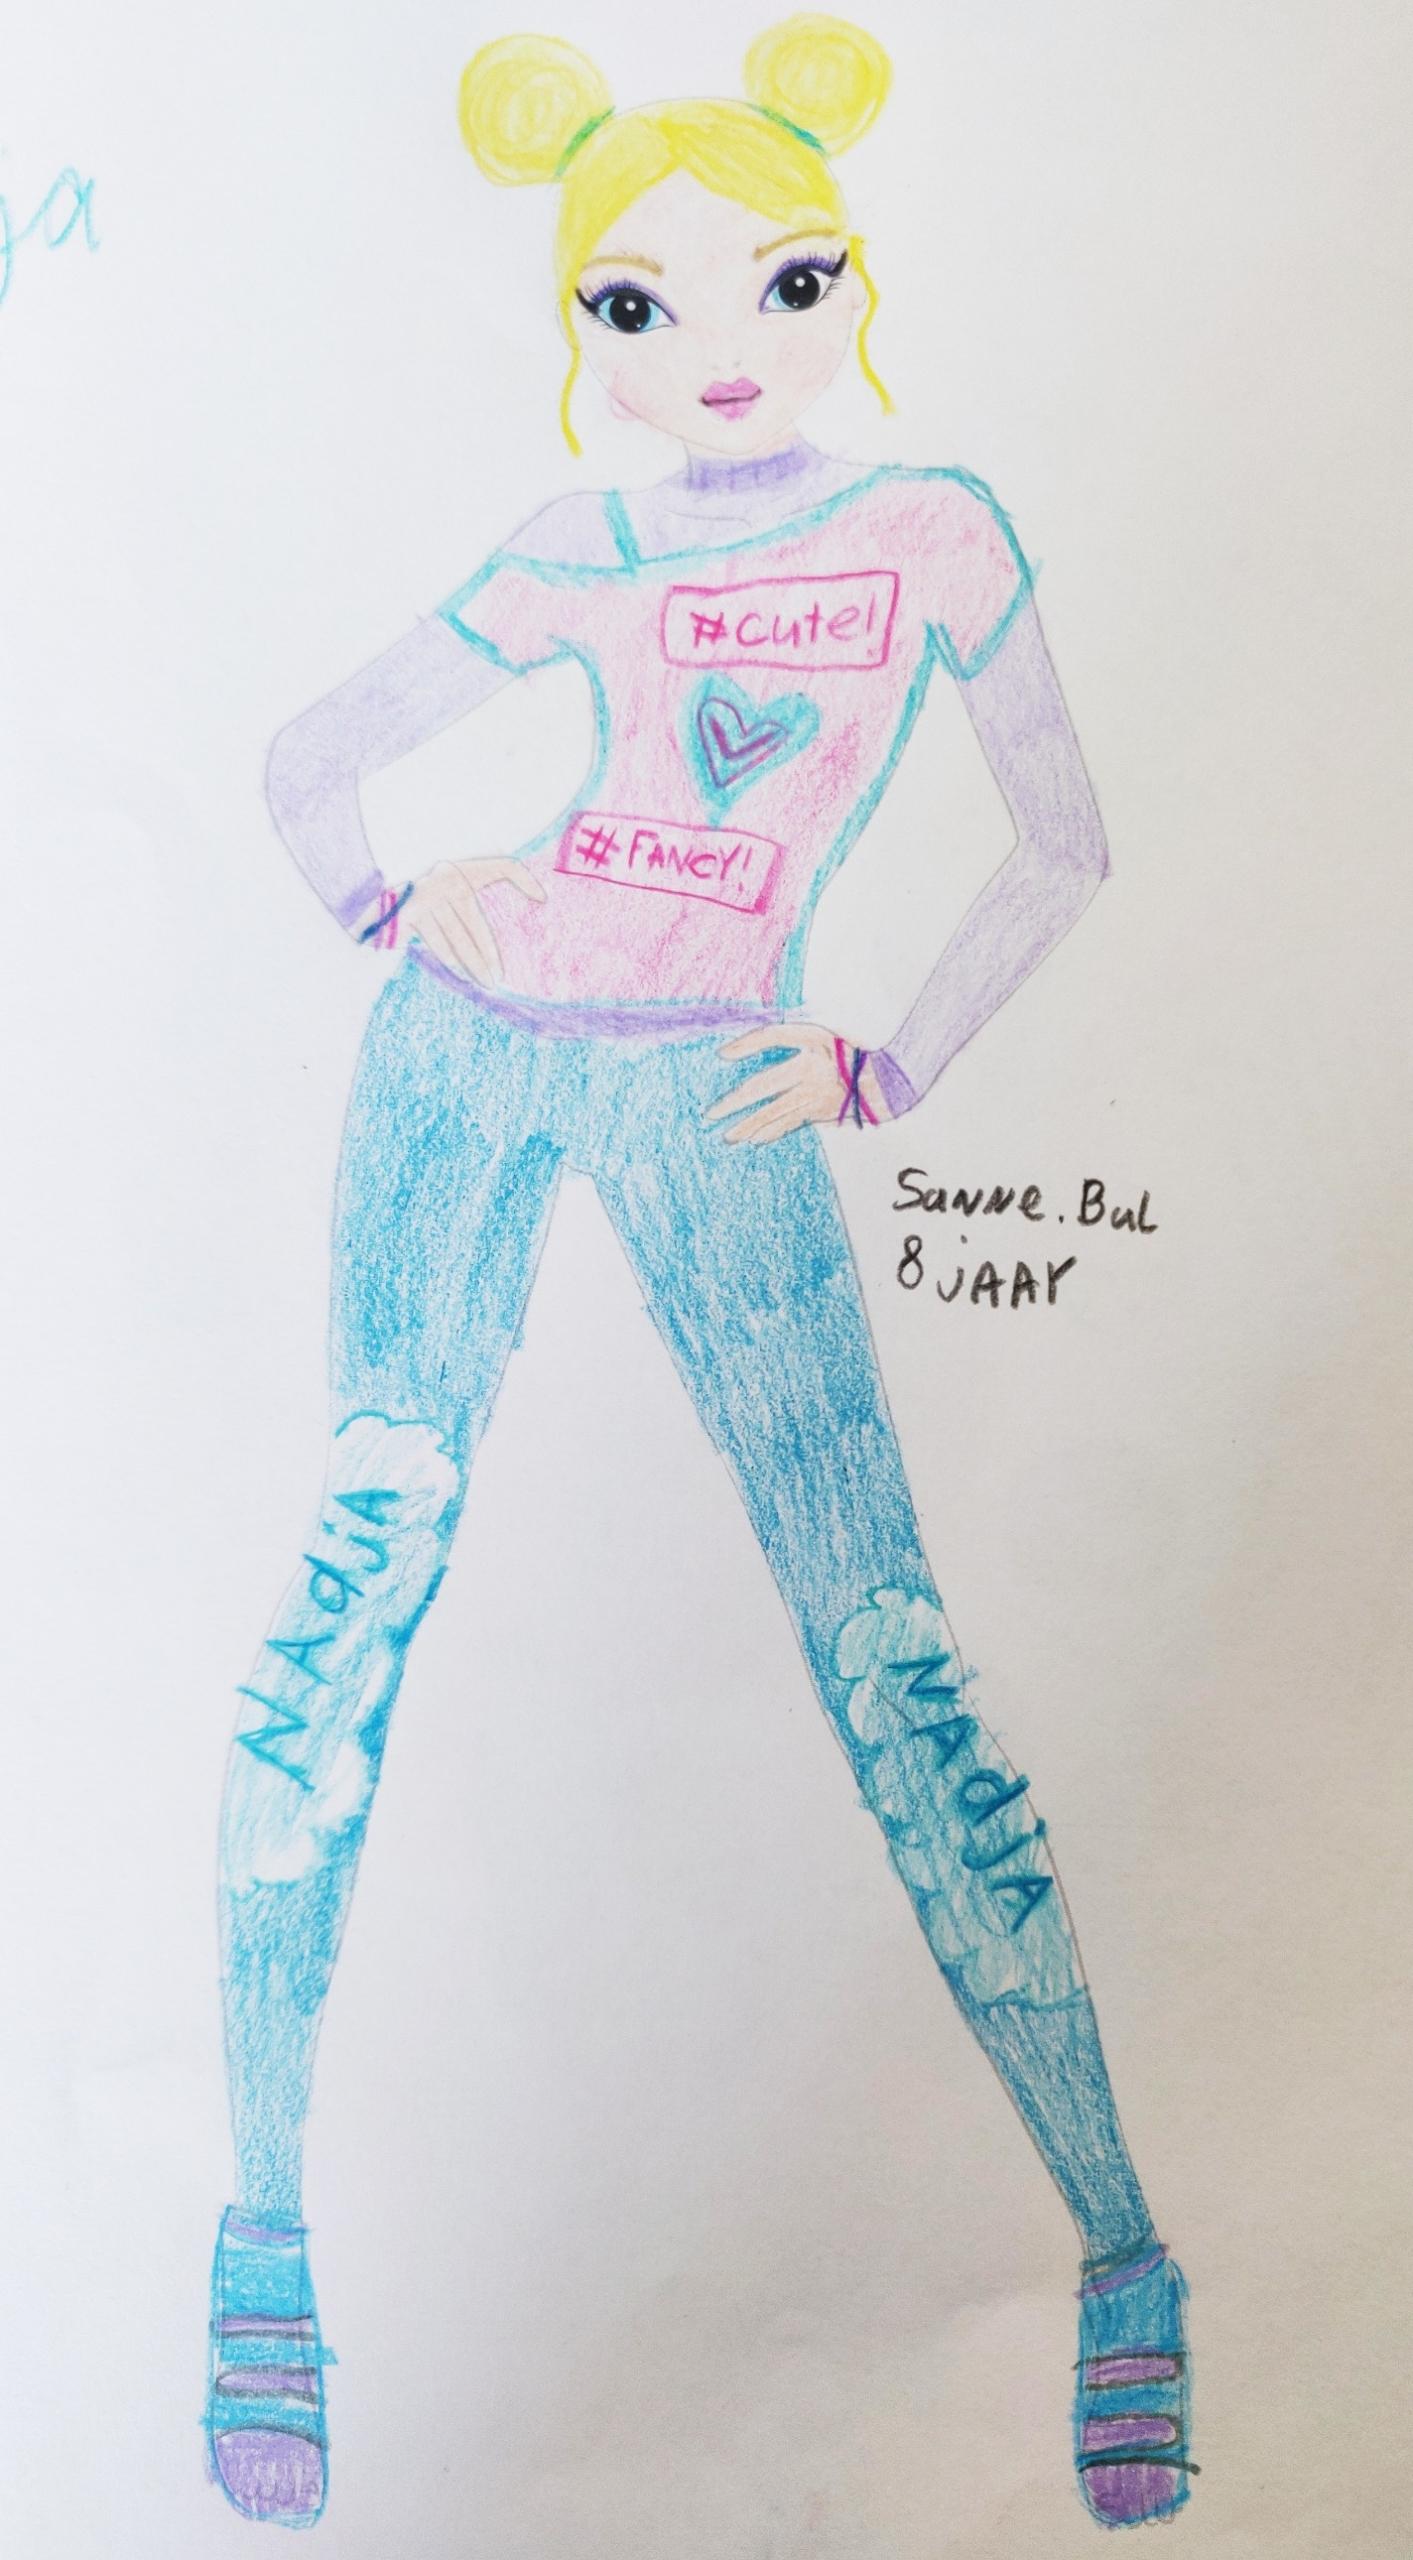 Sanne B., 8 Jahre, aus Waalwijk